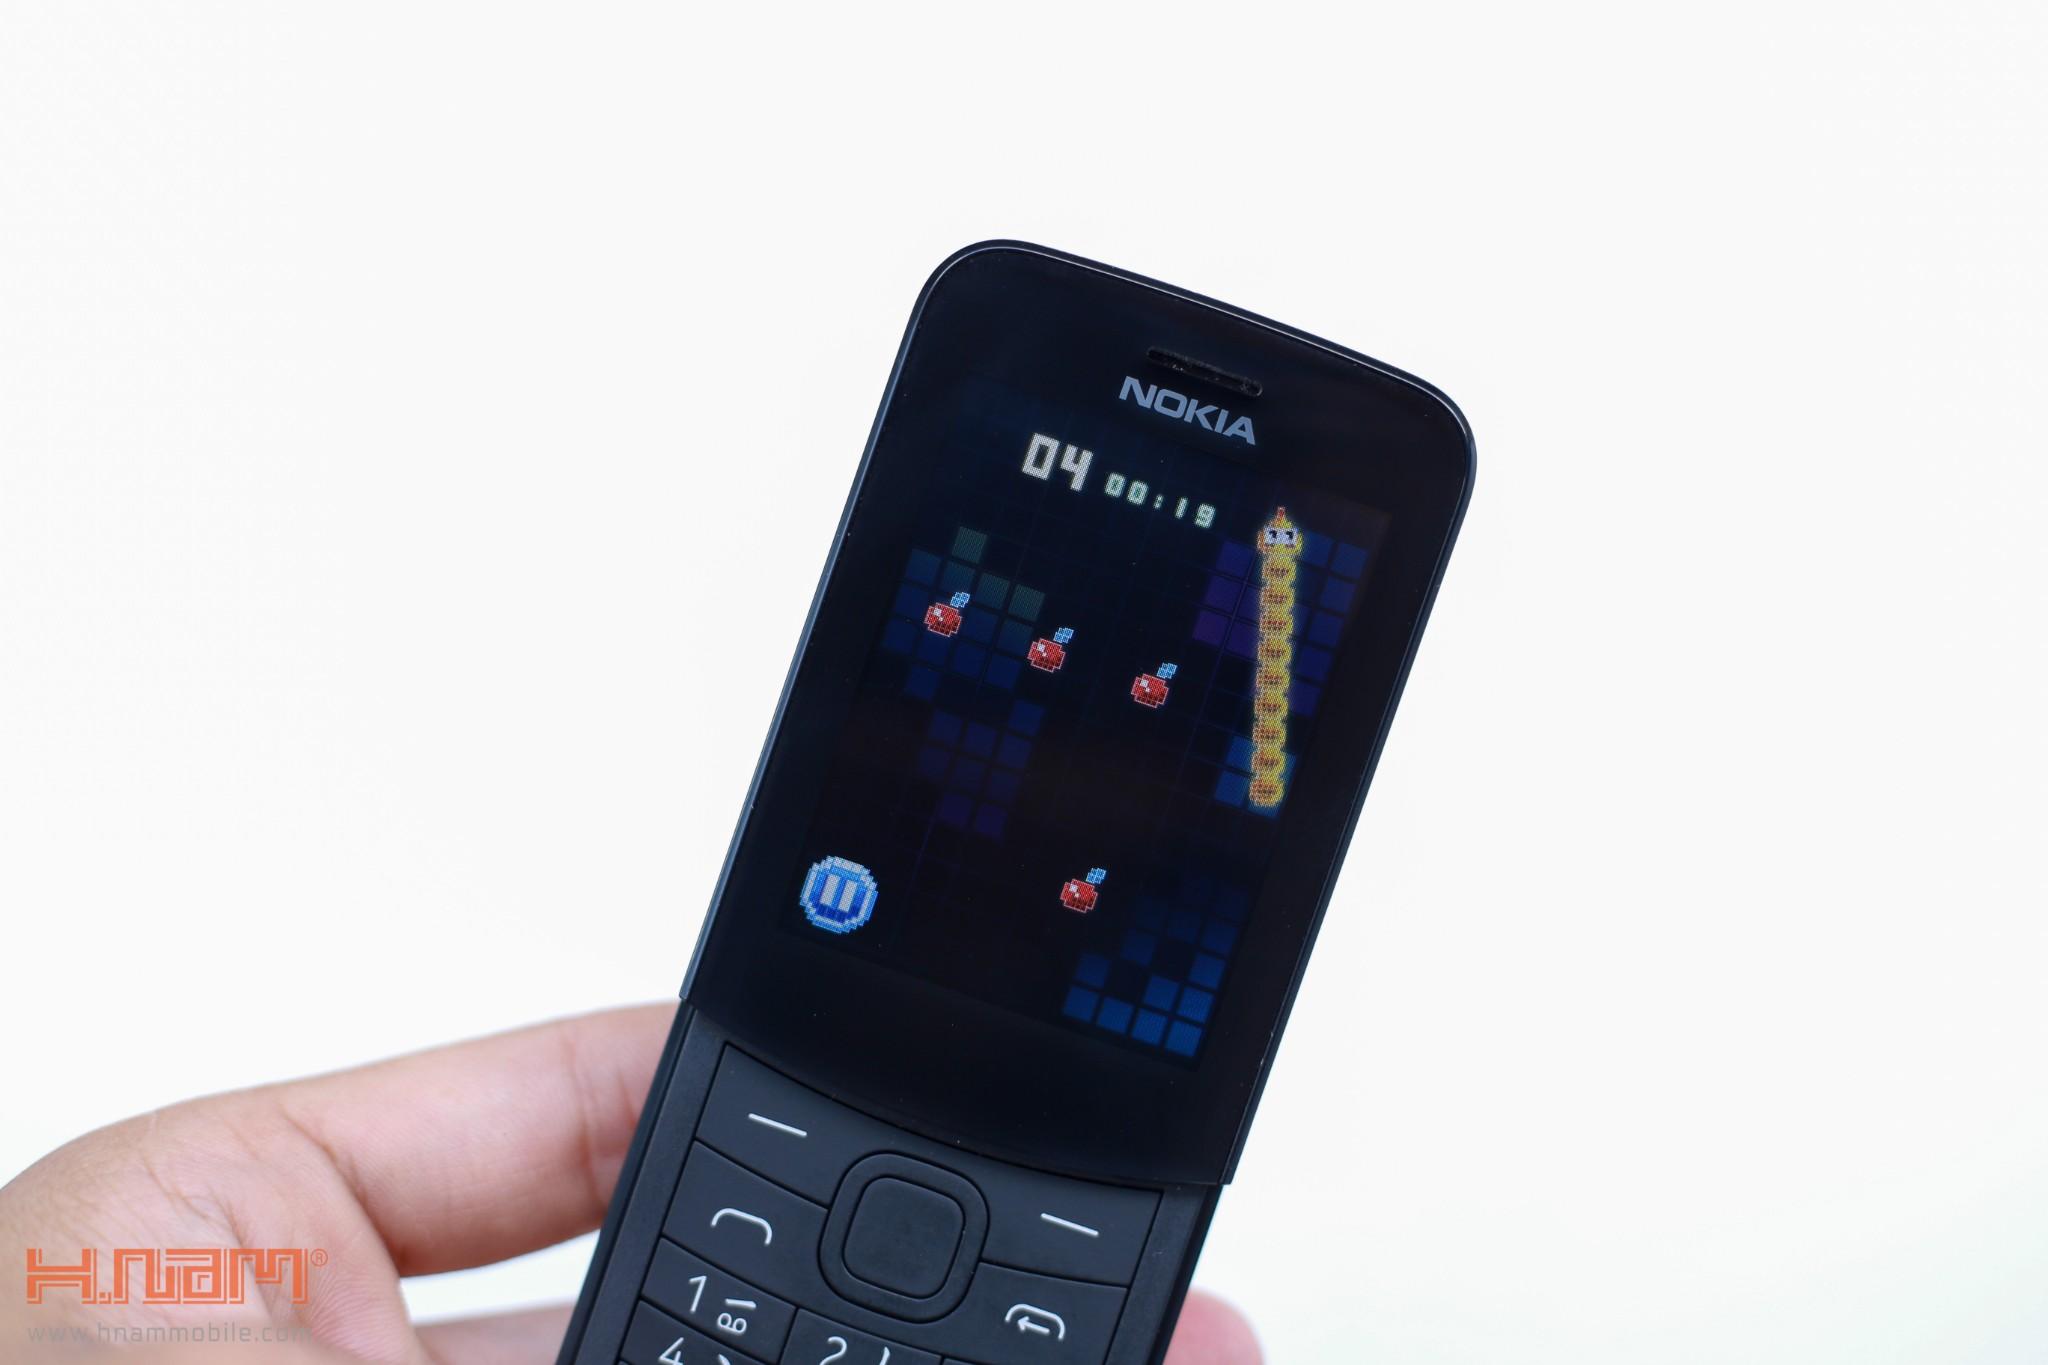 Trên tay Nokia 8110 chuối: Thiết kế siêu cute, phát 4G, giá 1.7 triệu đồng hình 12